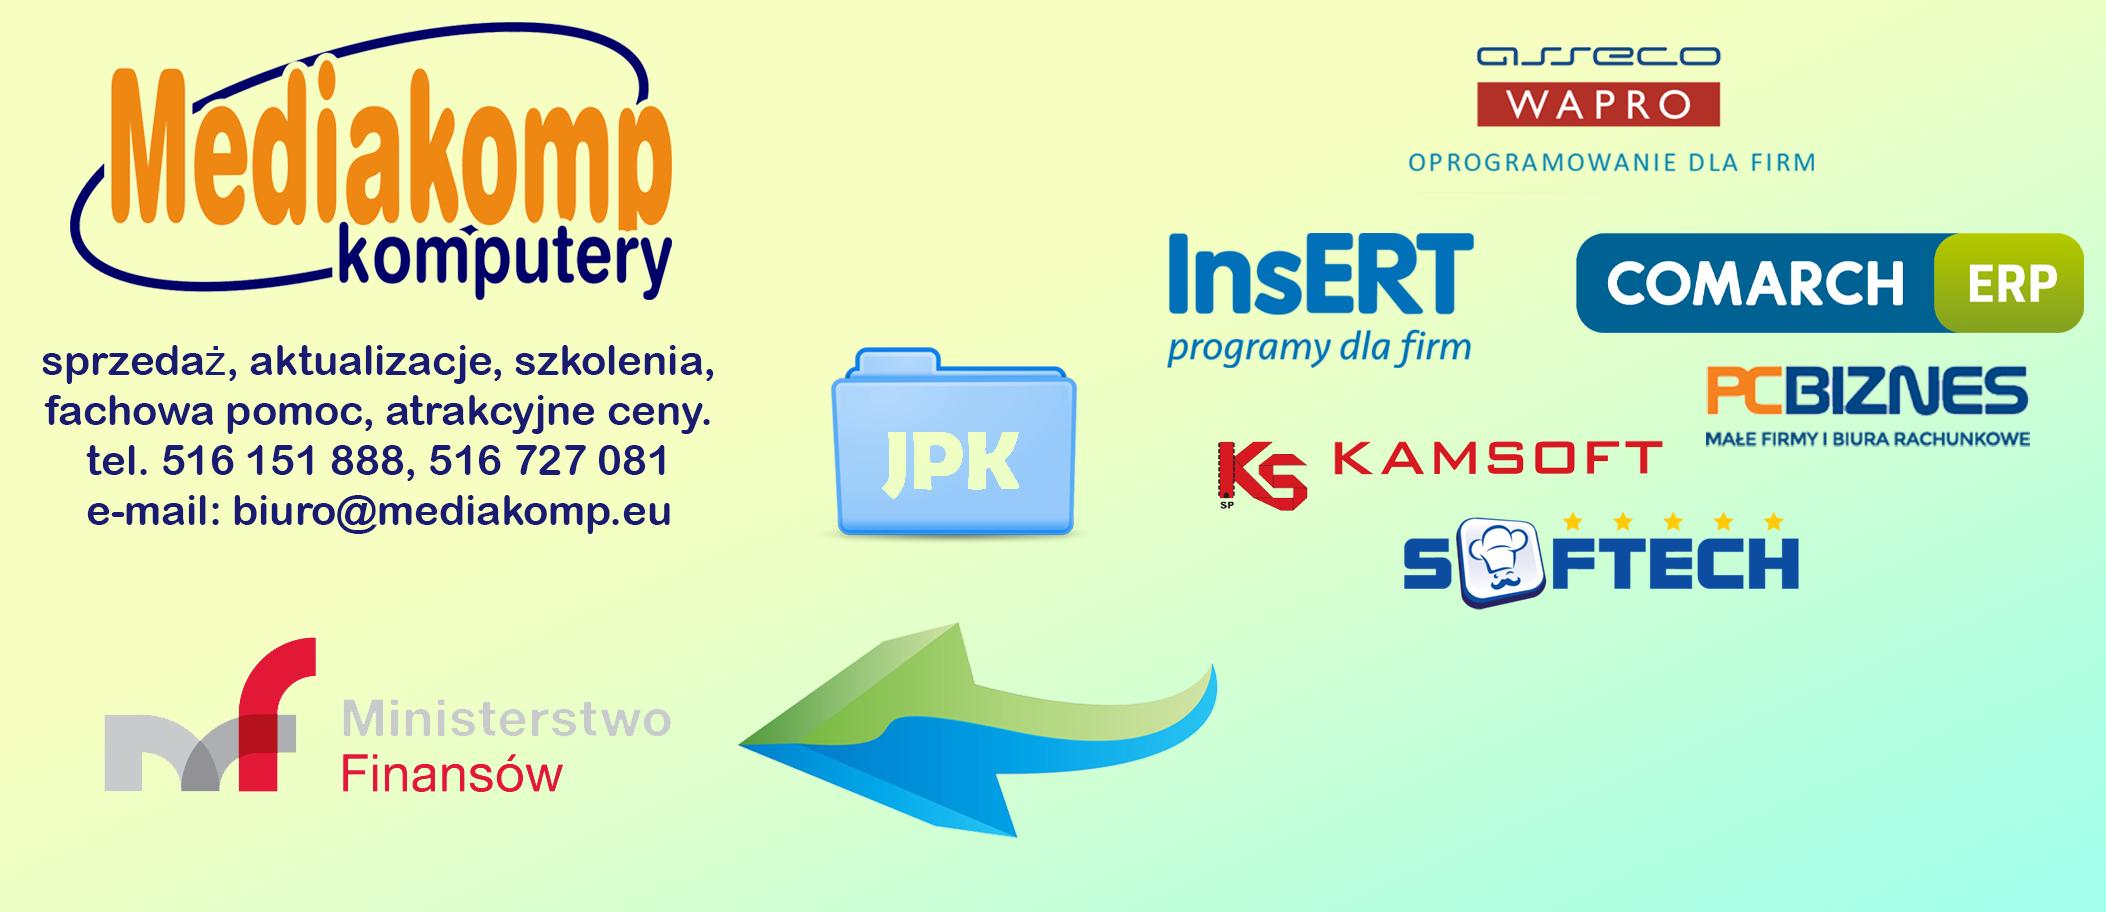 JPK z Mediakomp